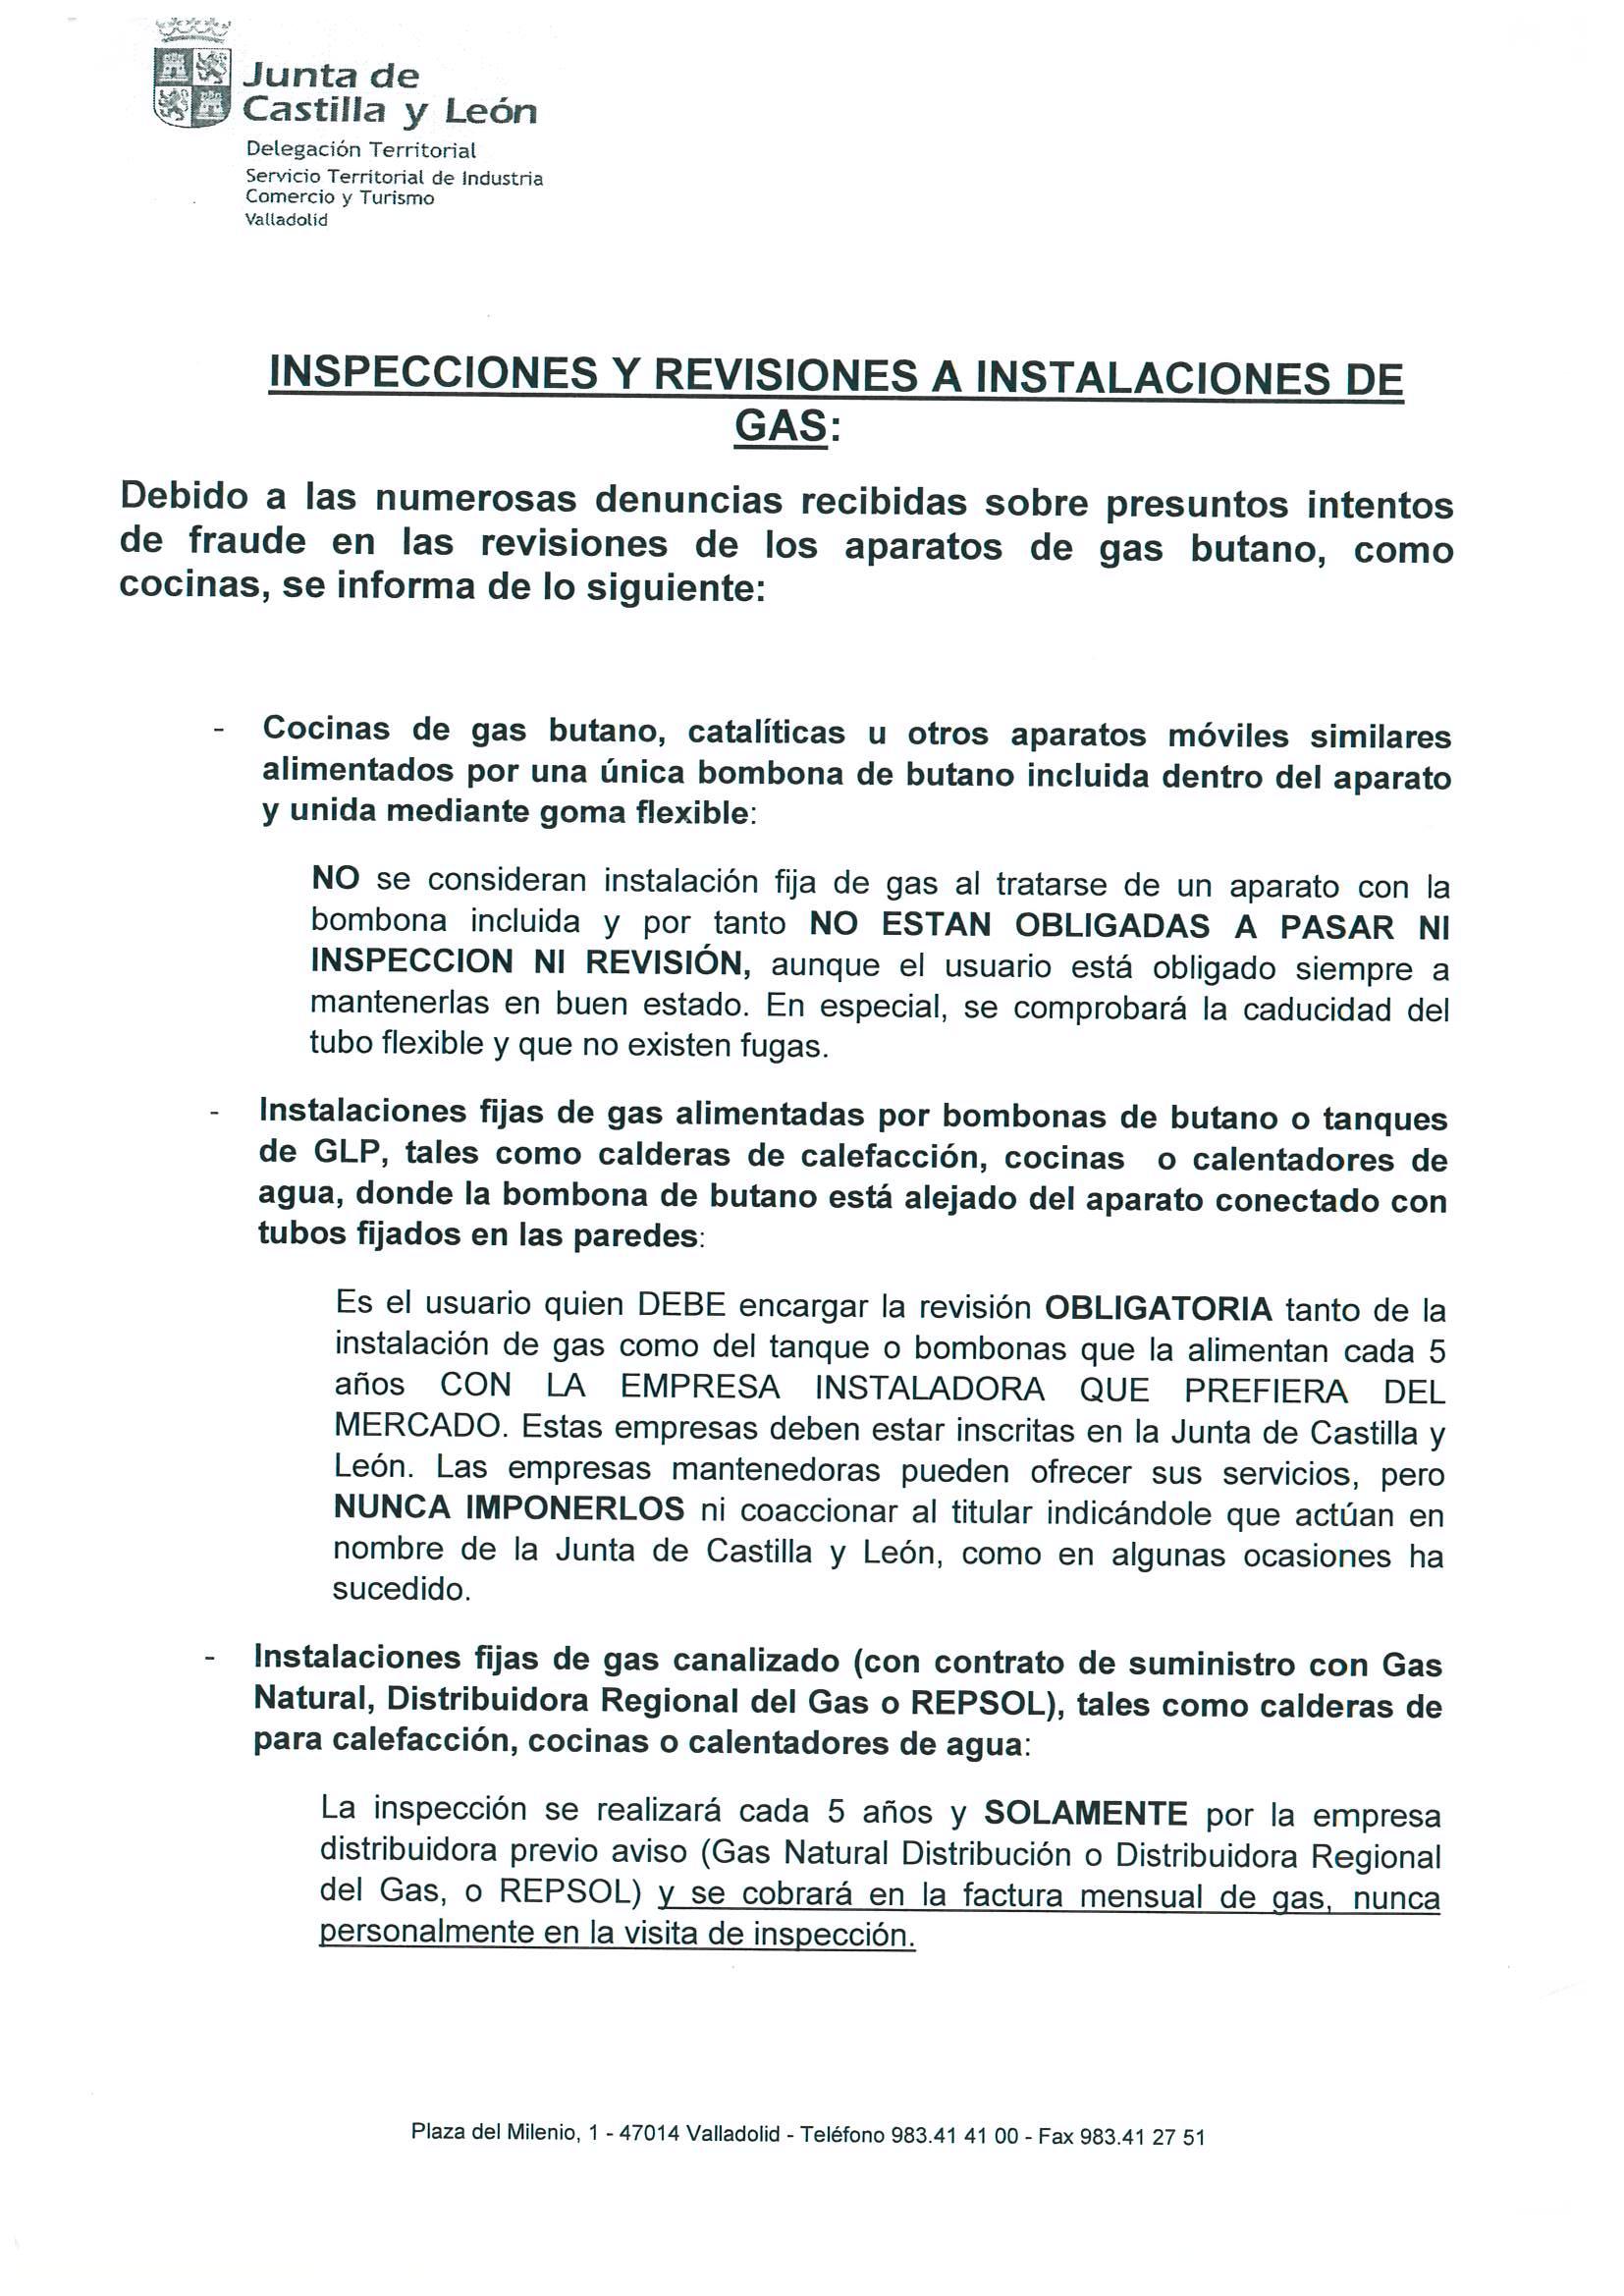 Información sobre las Inspecciones y Revisiones a instalaciones de ...